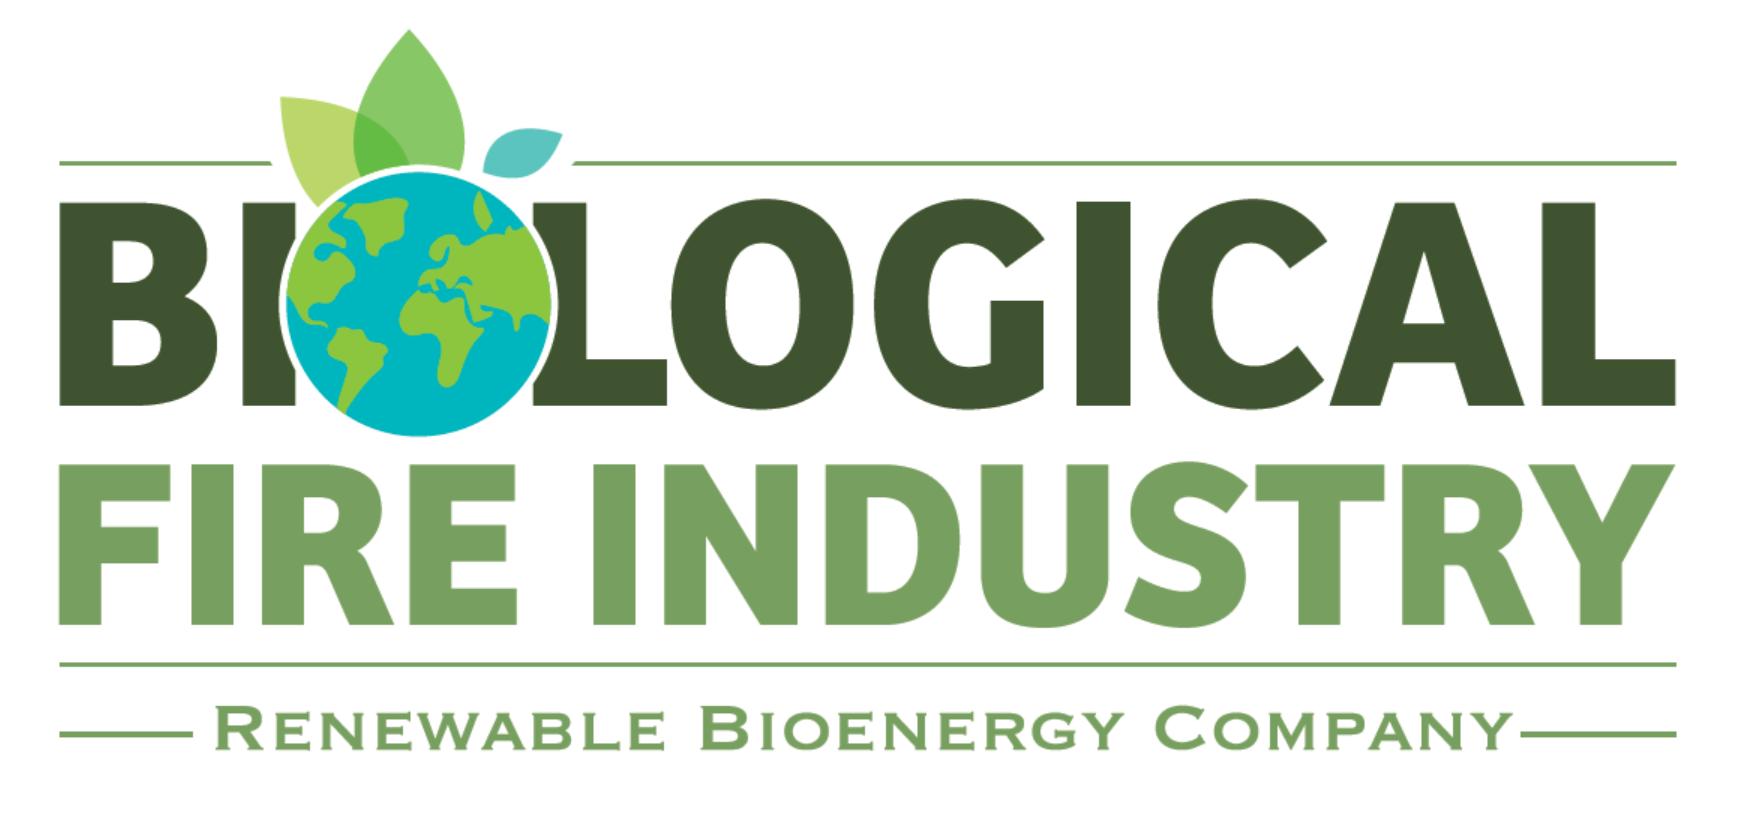 Produzione e commercio biomasse naturali